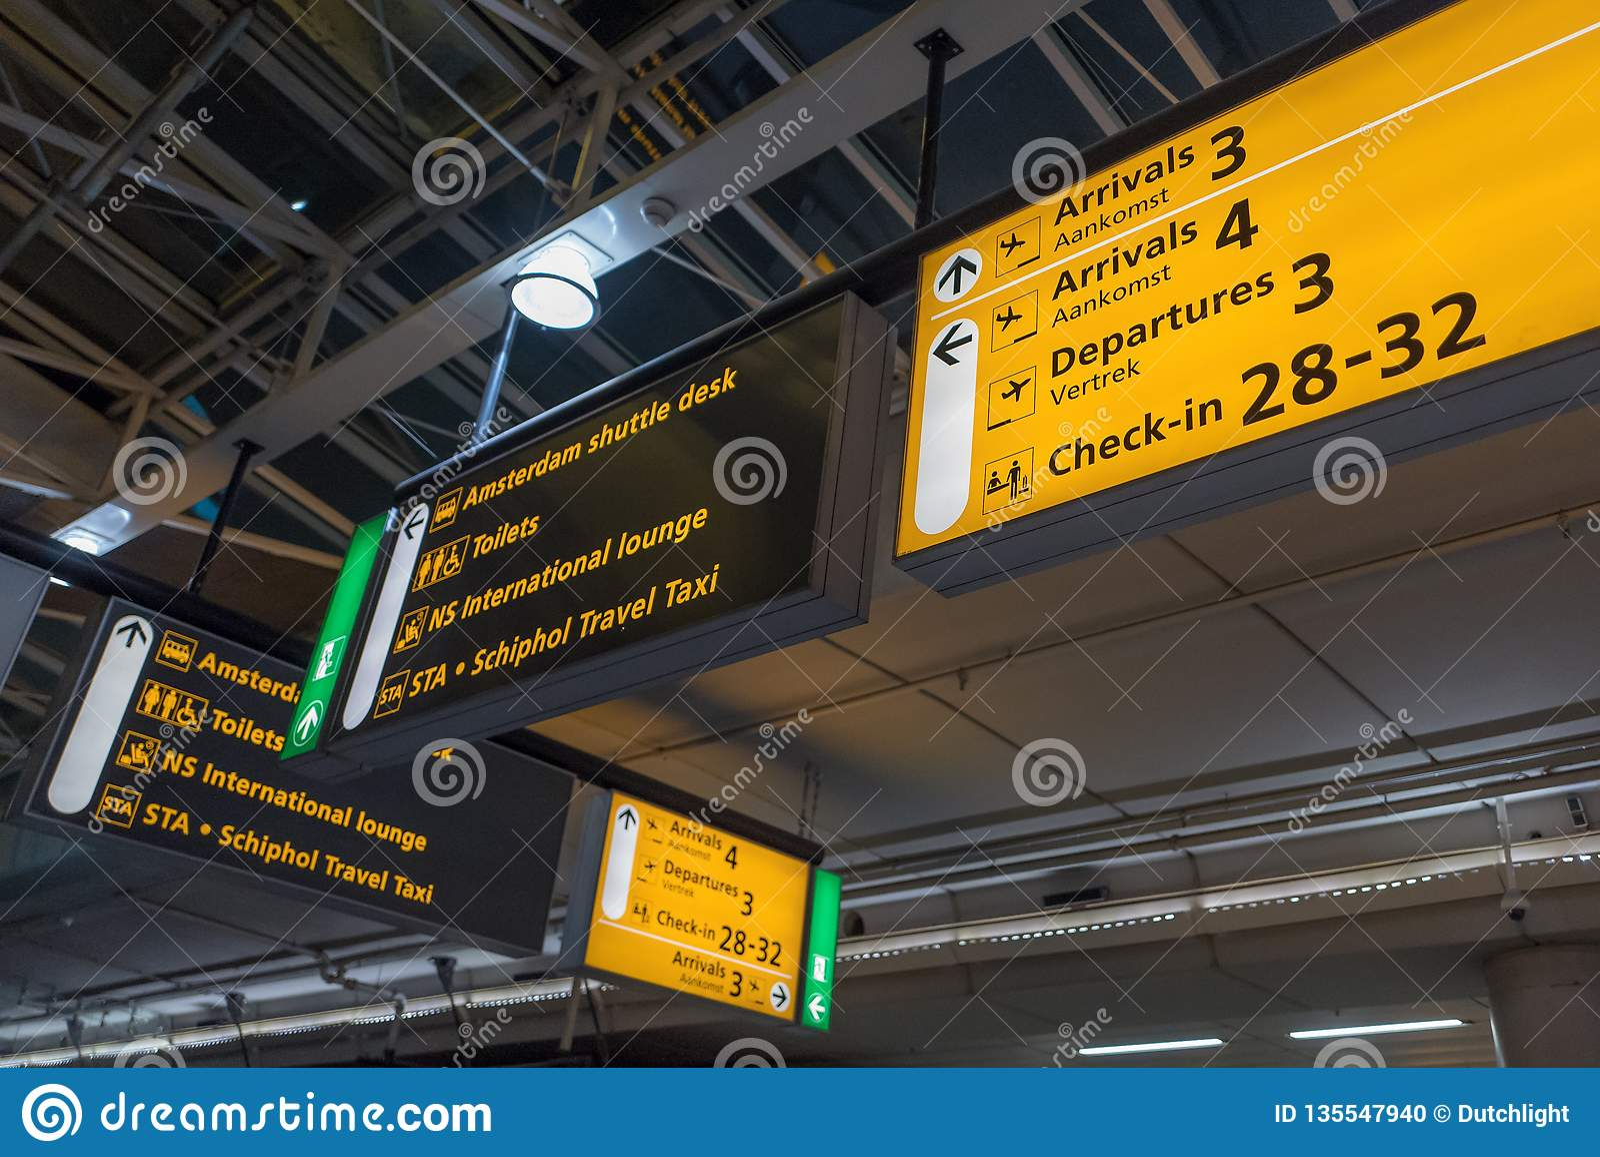 有现代到来和离开的国际机场斯希普霍尔签到英语